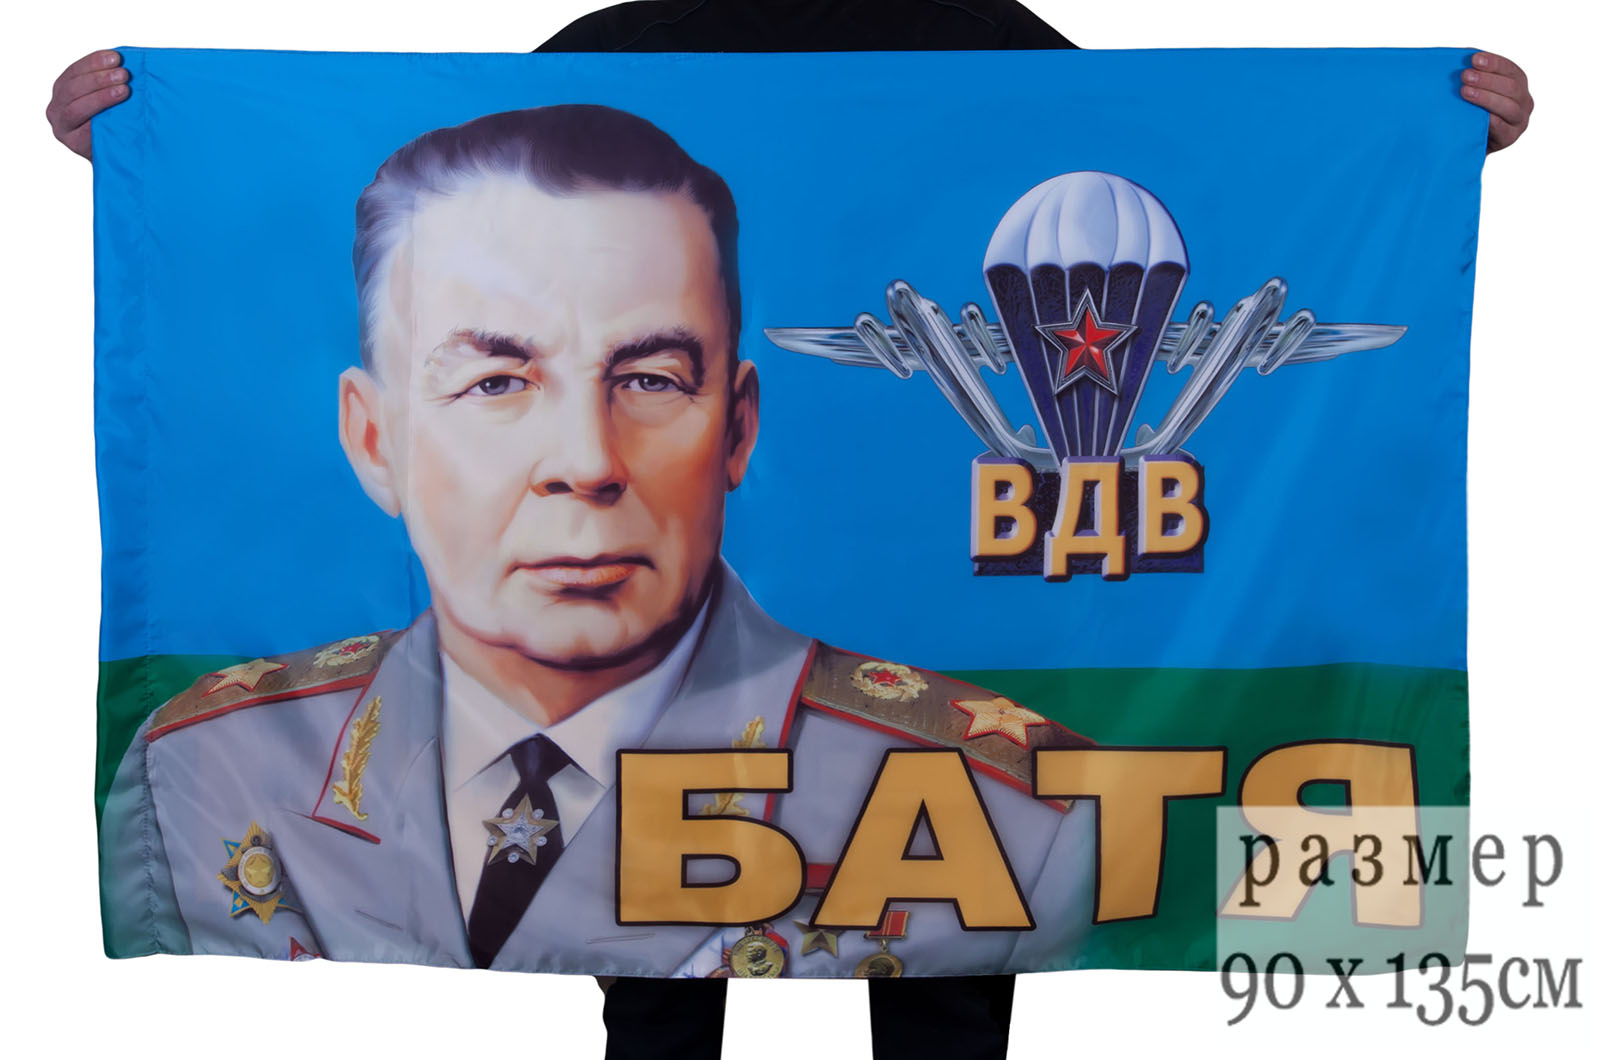 Флаги ВДВ с доставкой по Москве и России. Ограниченная серия с «Батей»